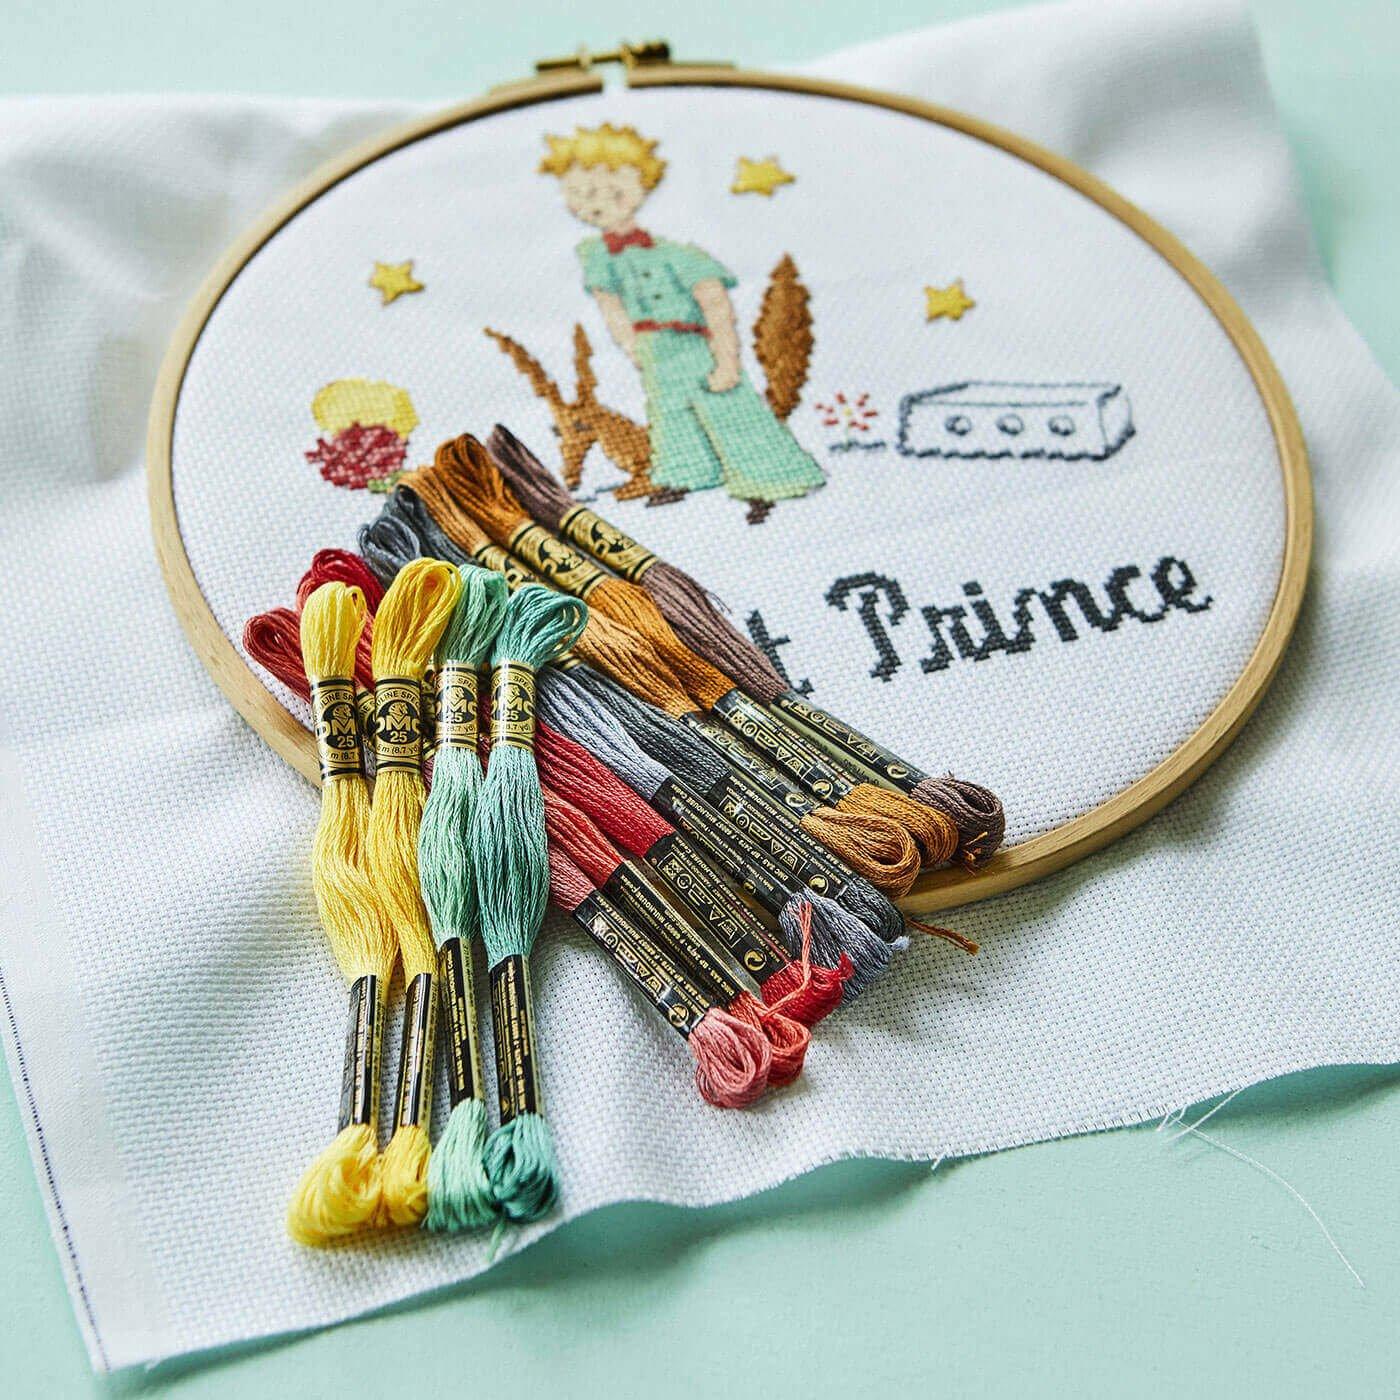 図案集の表紙の「星の王子さま」が刺しゅうできちゃう! 表紙図案用 刺しゅう糸セット